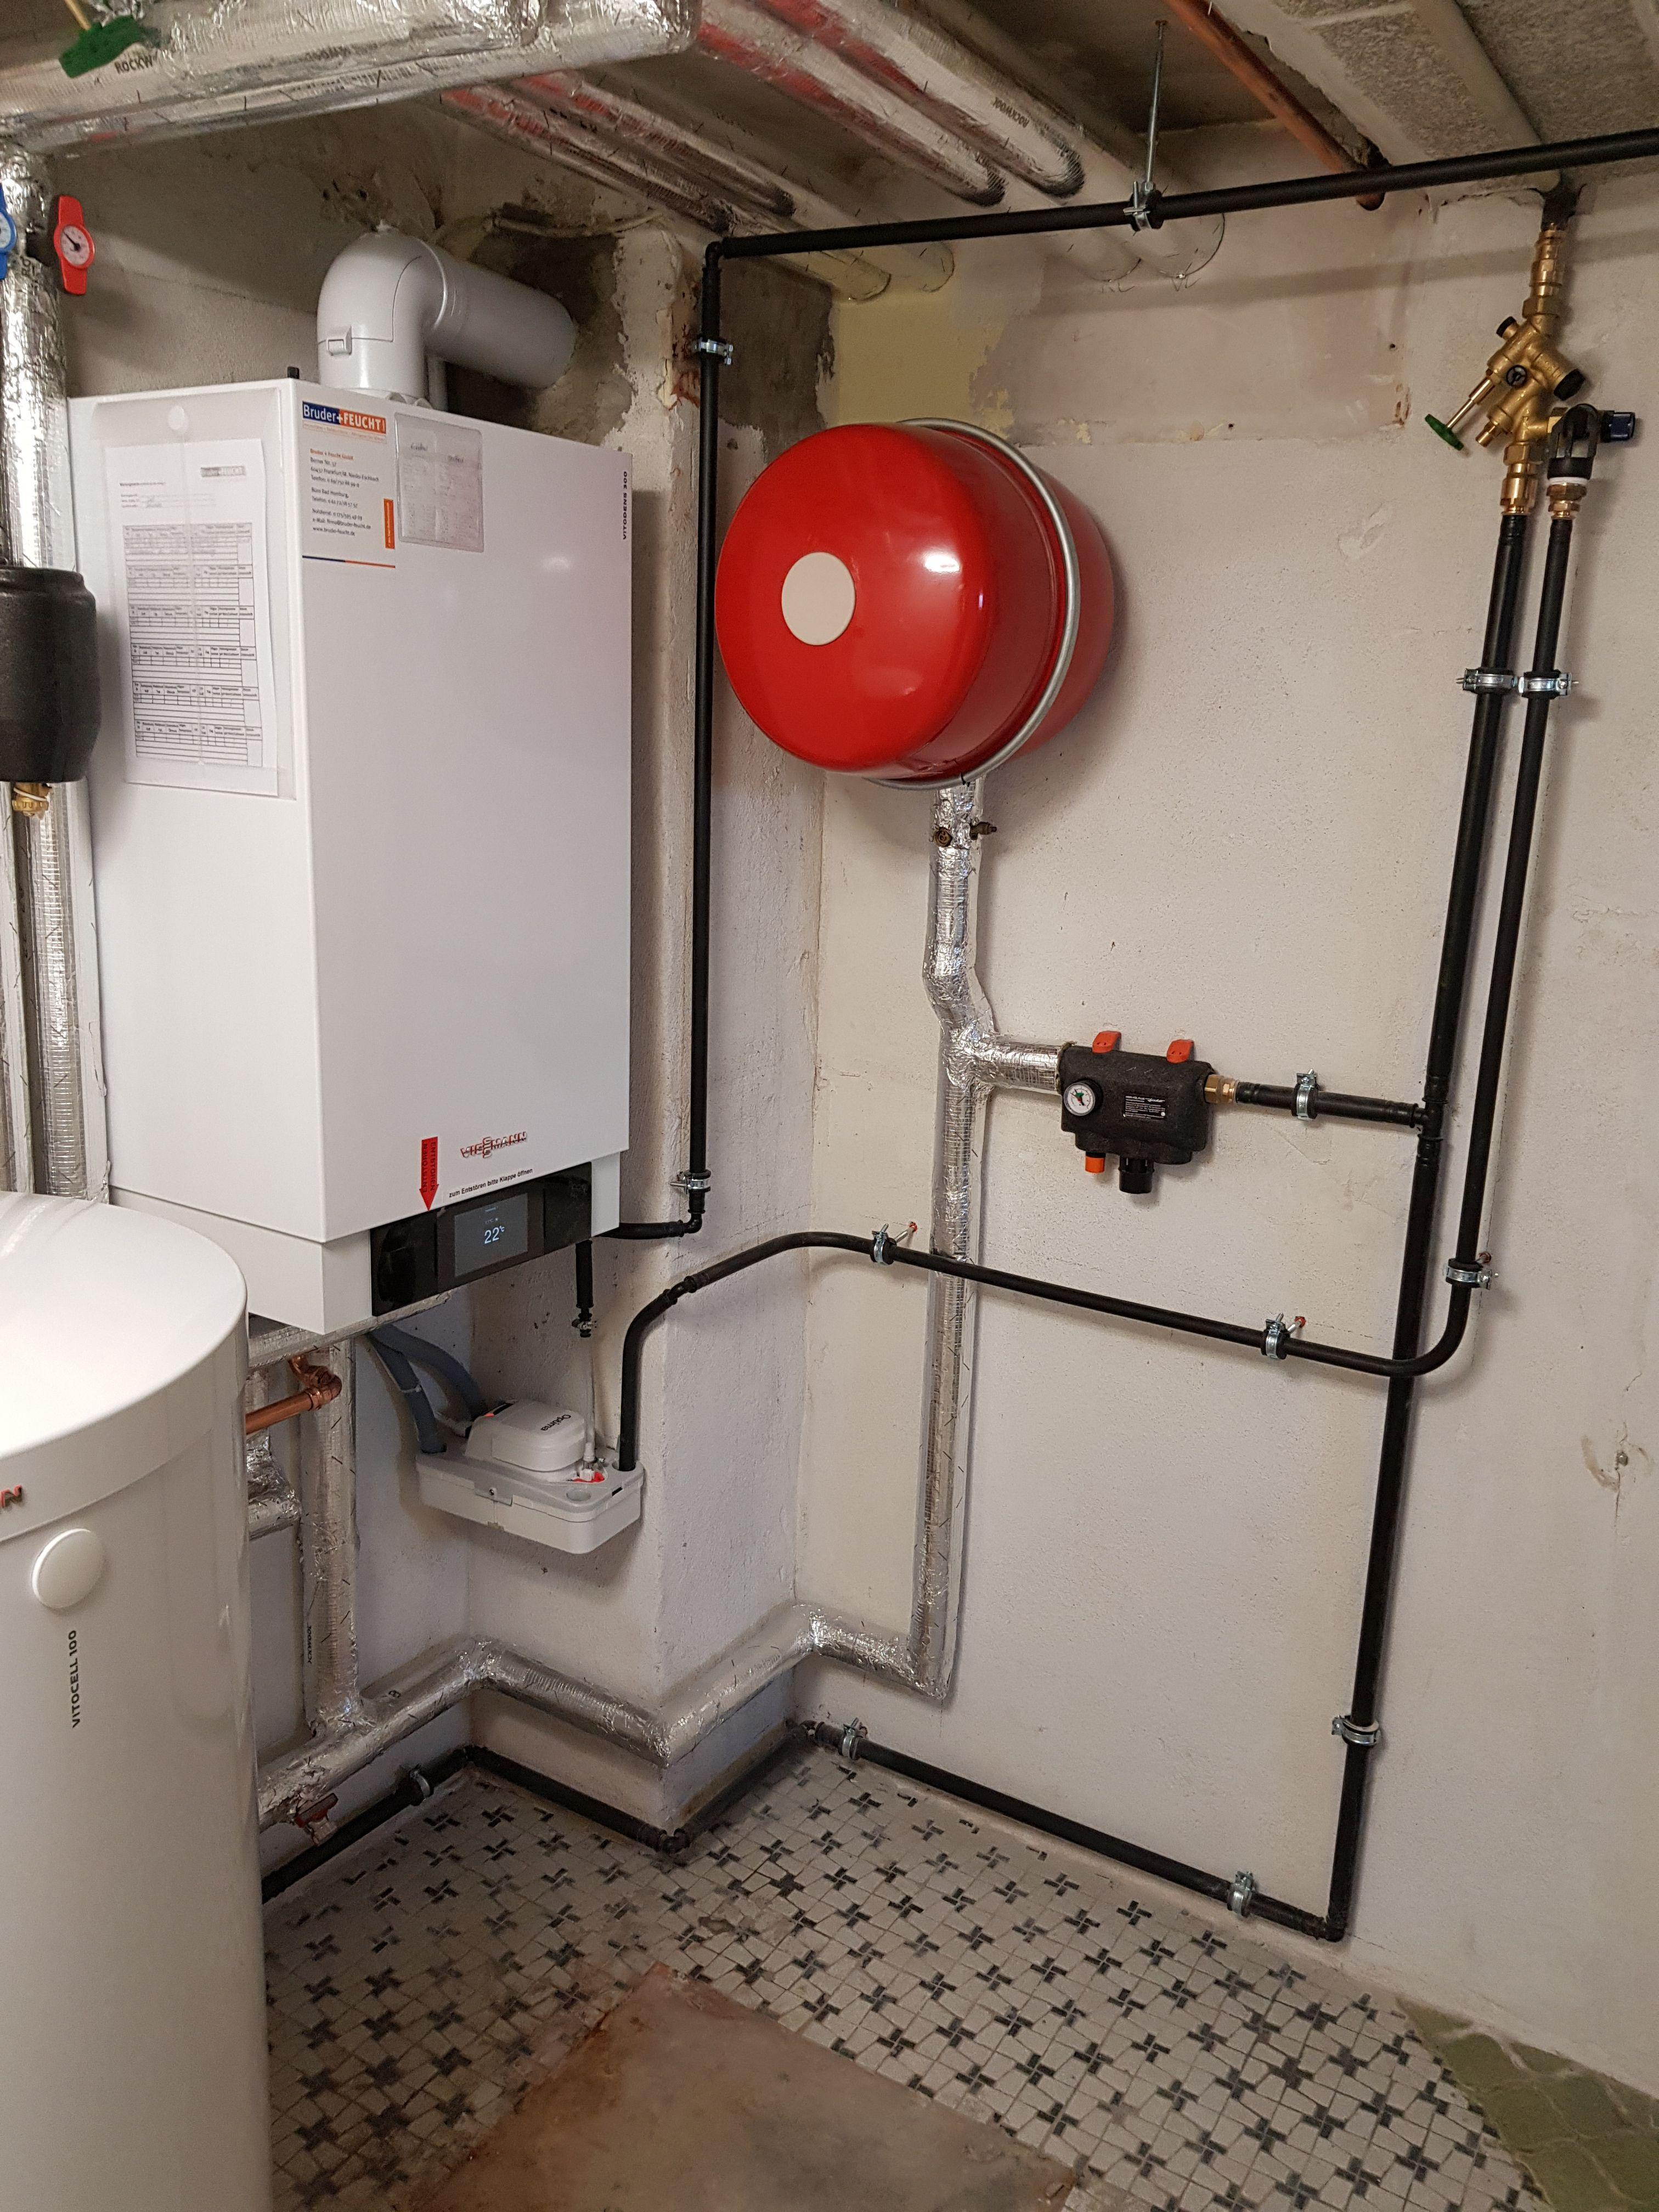 Heizungsanlage New Viessmann Vitodens Energie Effizienz Enev Gasbrennwert Bruderundfeuchtgmbh Handwerk Heizungstechnik Heizungsanlagen Energie Sparen